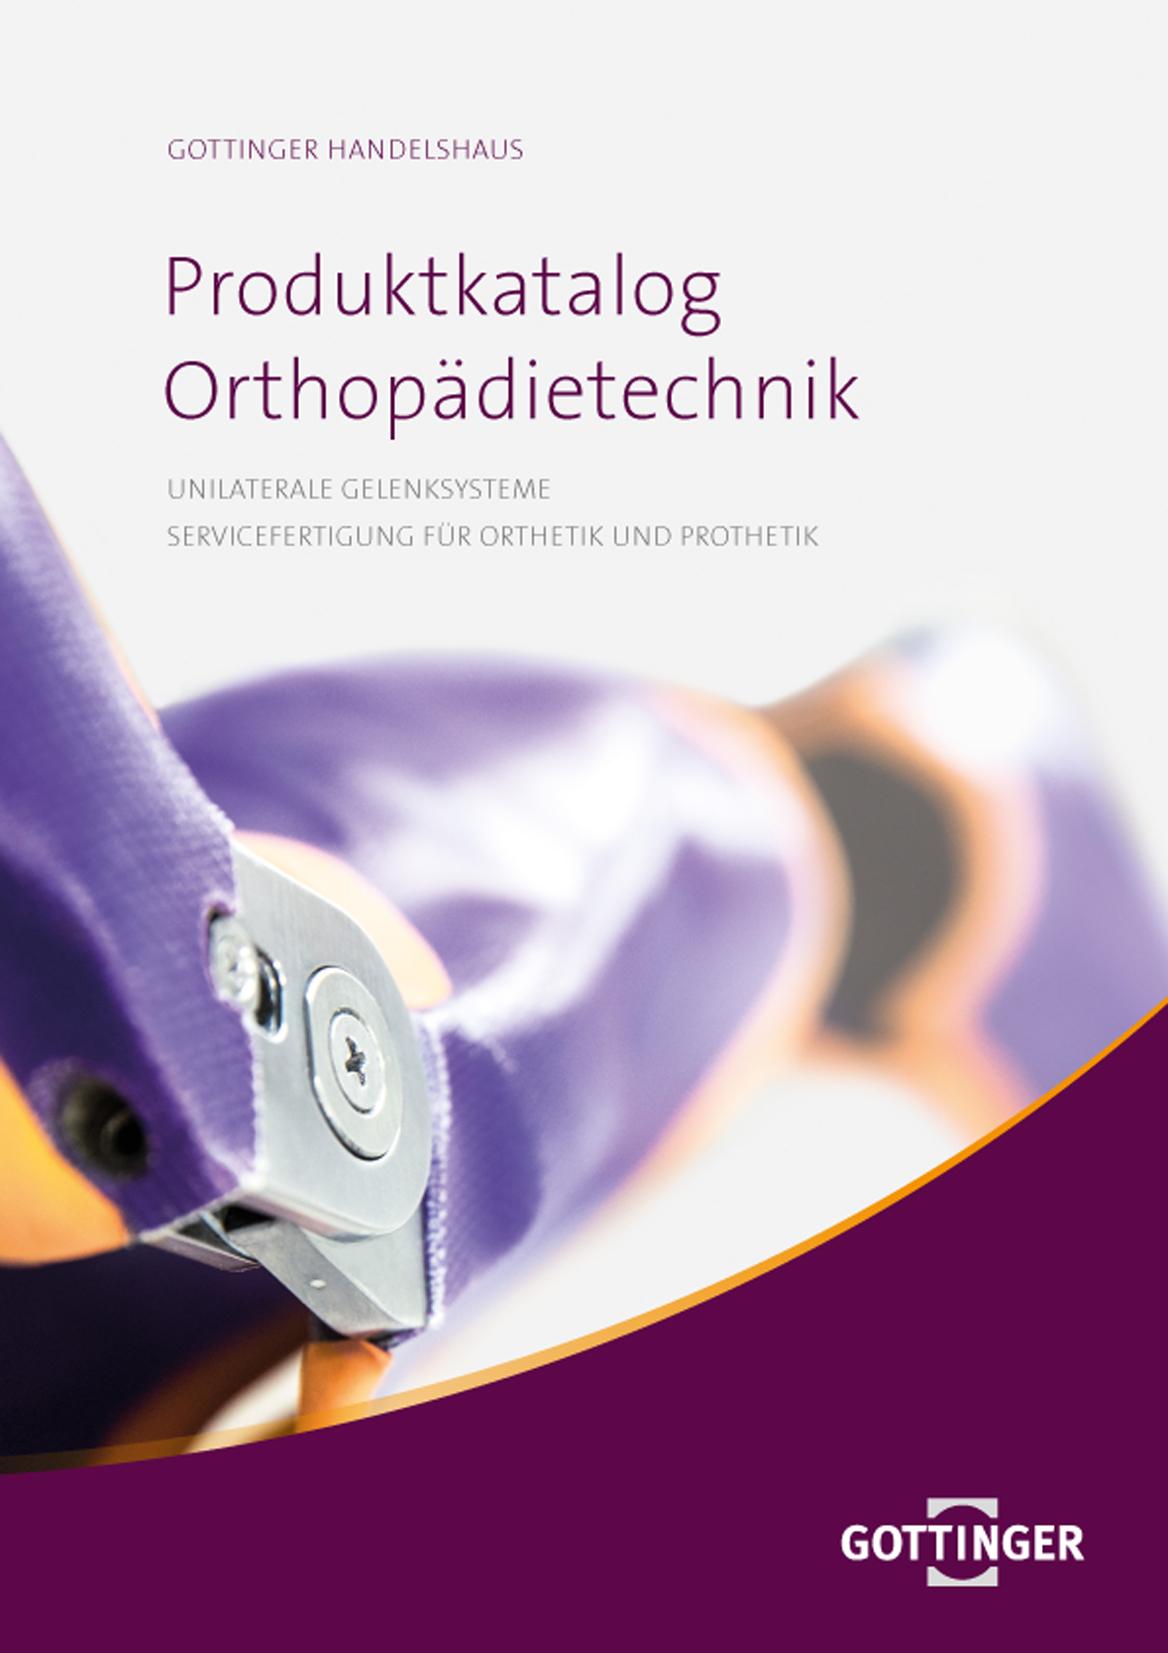 Produktkatalog Gottinger Handelshaus